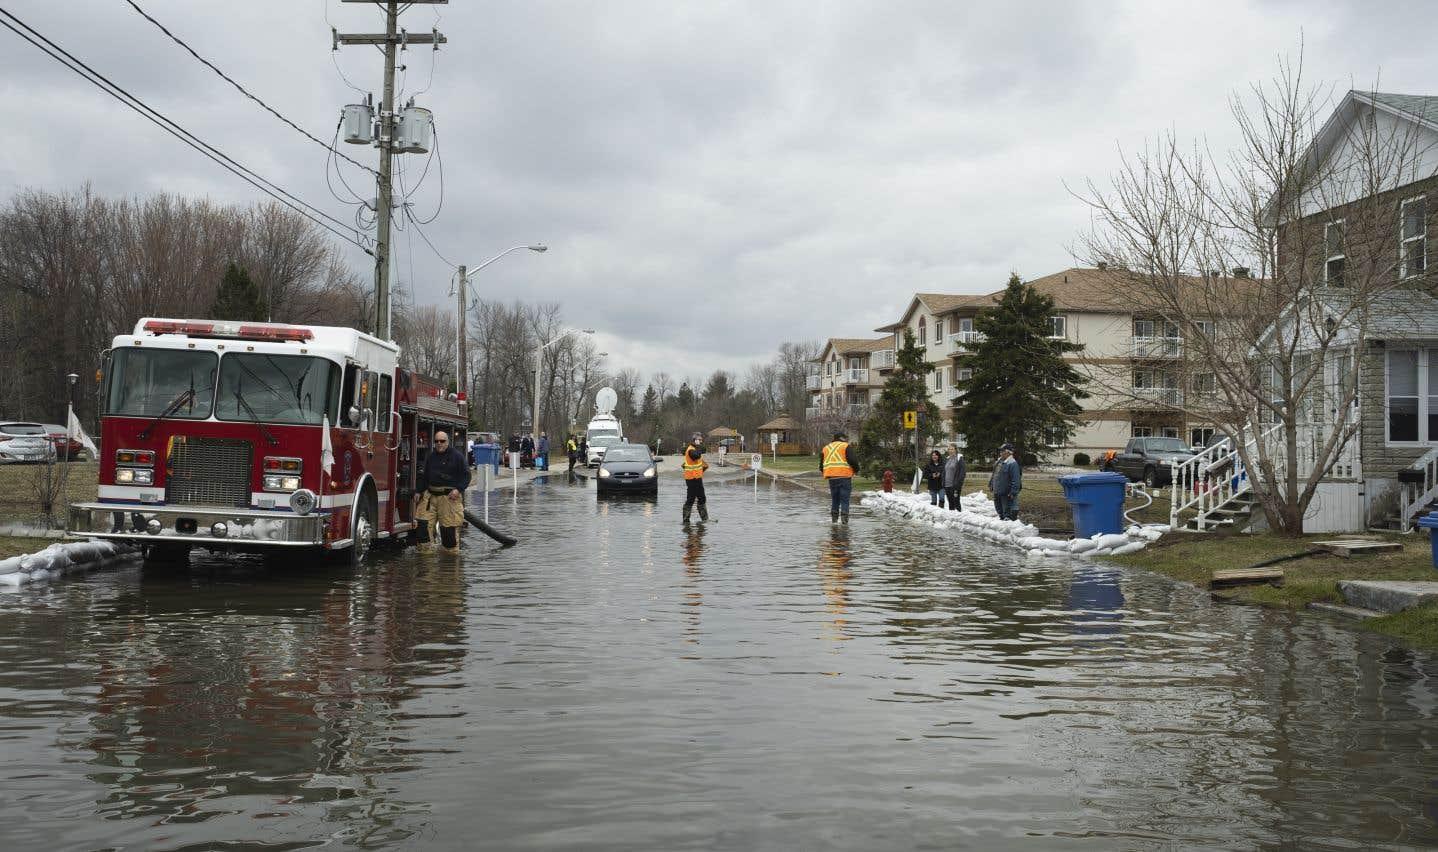 Sur la rue Thomas, des pompiers s'affairaient jeudi à pomper l'eau qui emplissait la rue pour s'assurer de maintenir une voie d'accès vers deux résidences pour personnes âgées.